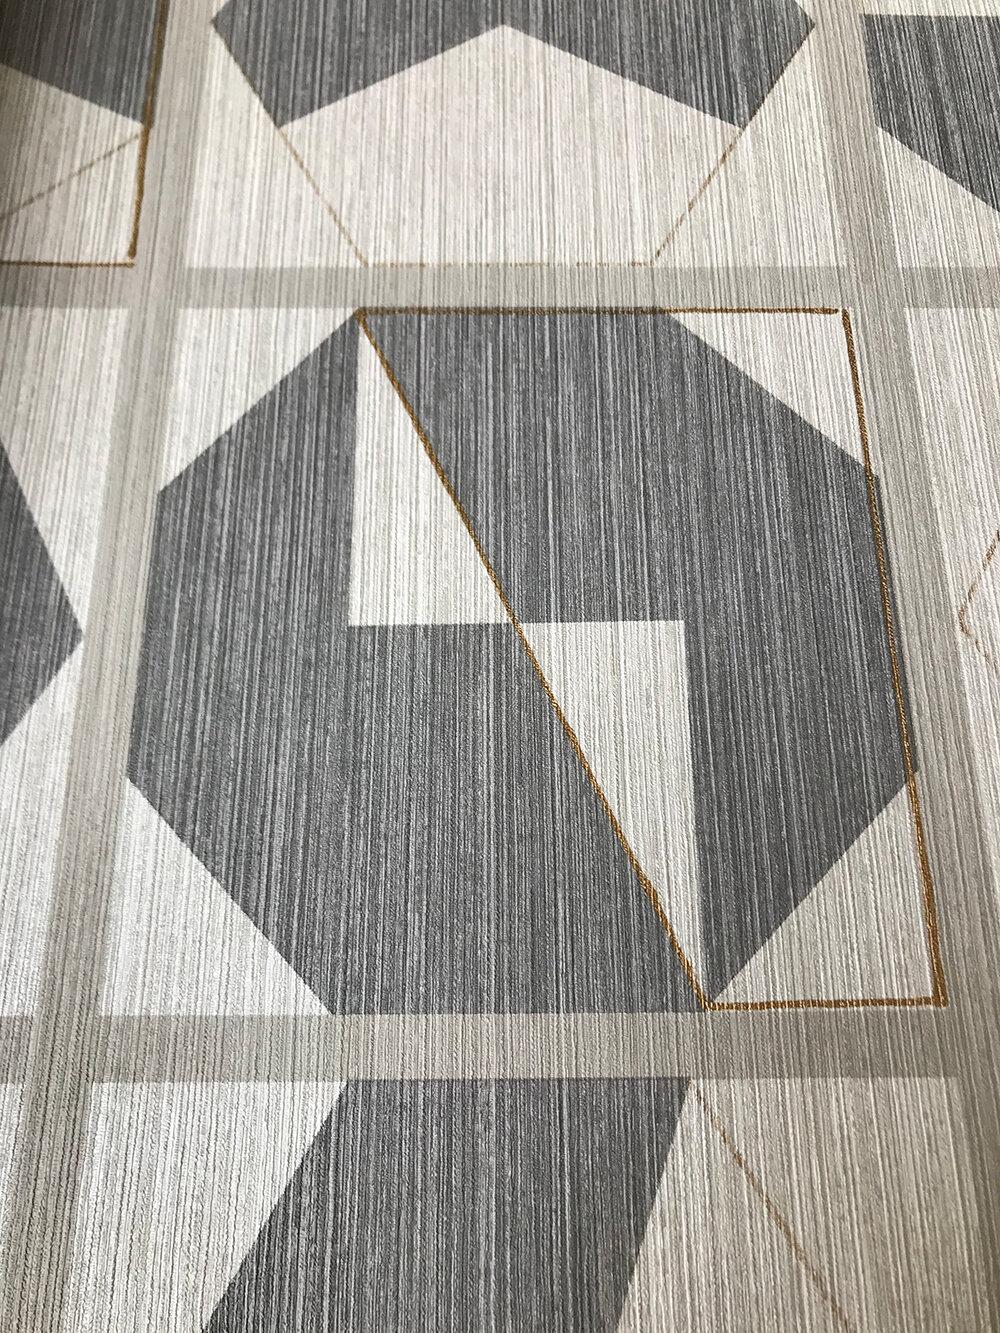 Kutani Vinyl Wallpaper - Silver/ Stone - by Osborne & Little